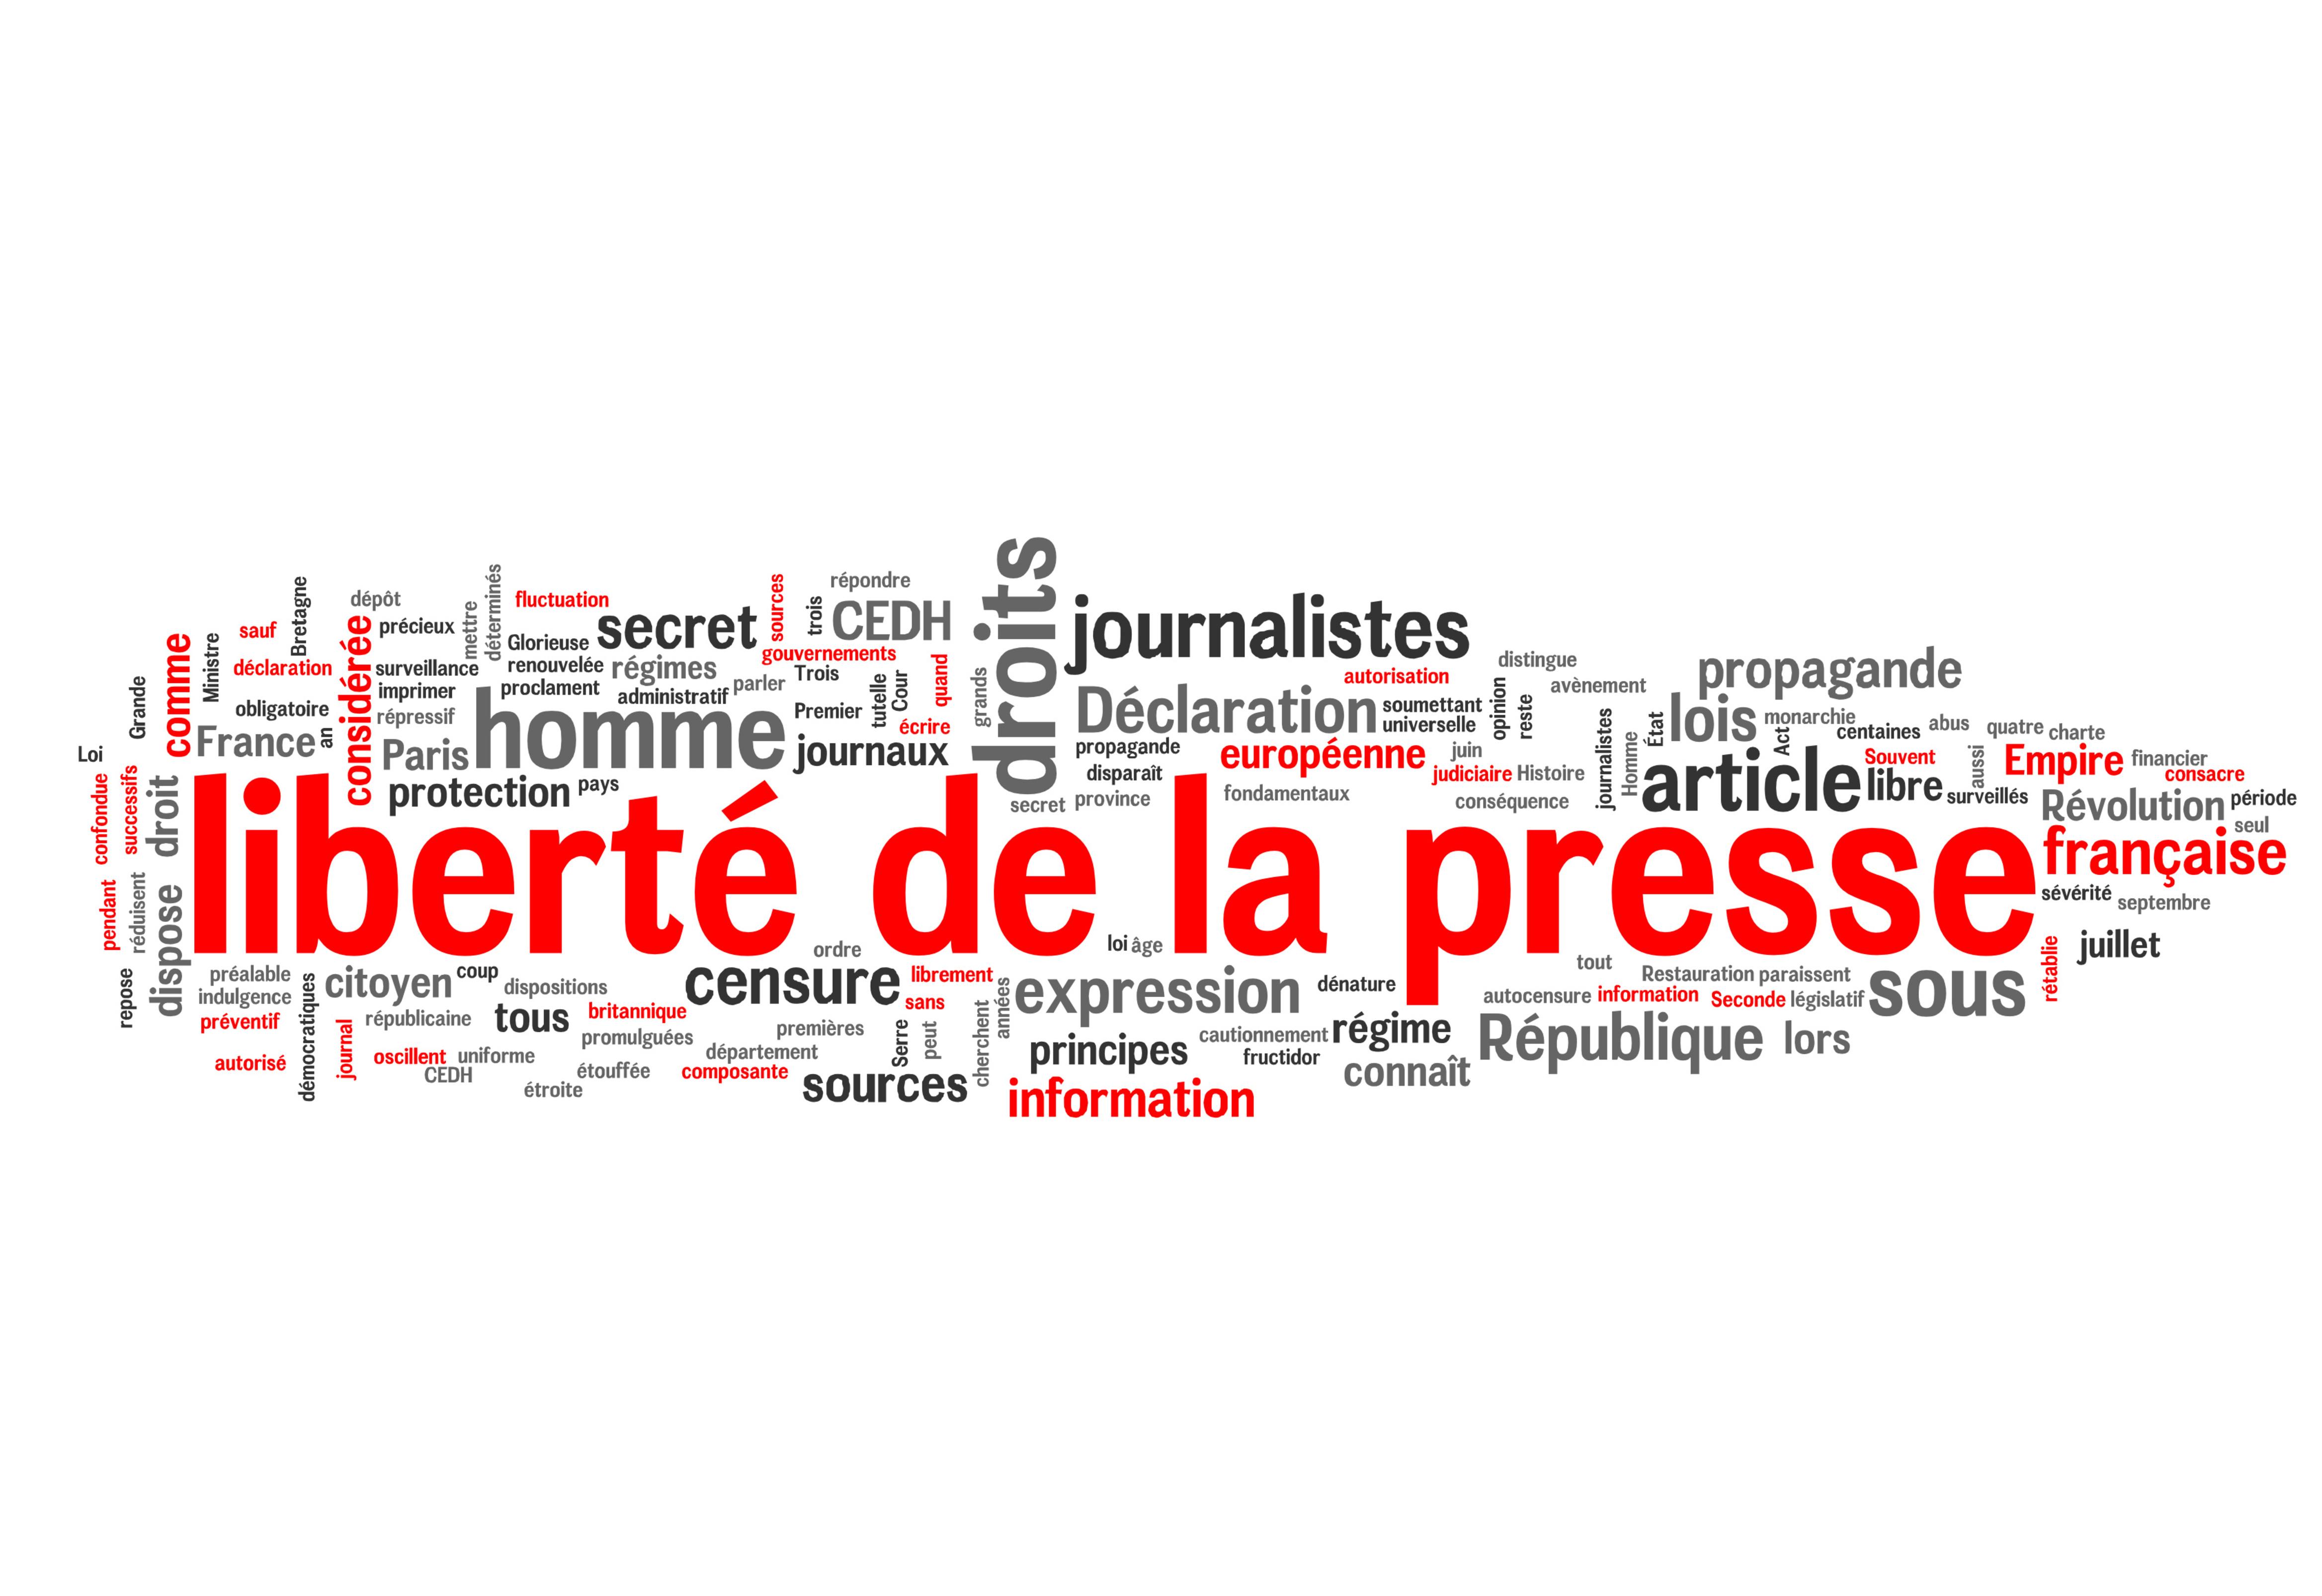 liberté de la presse (journaliste)